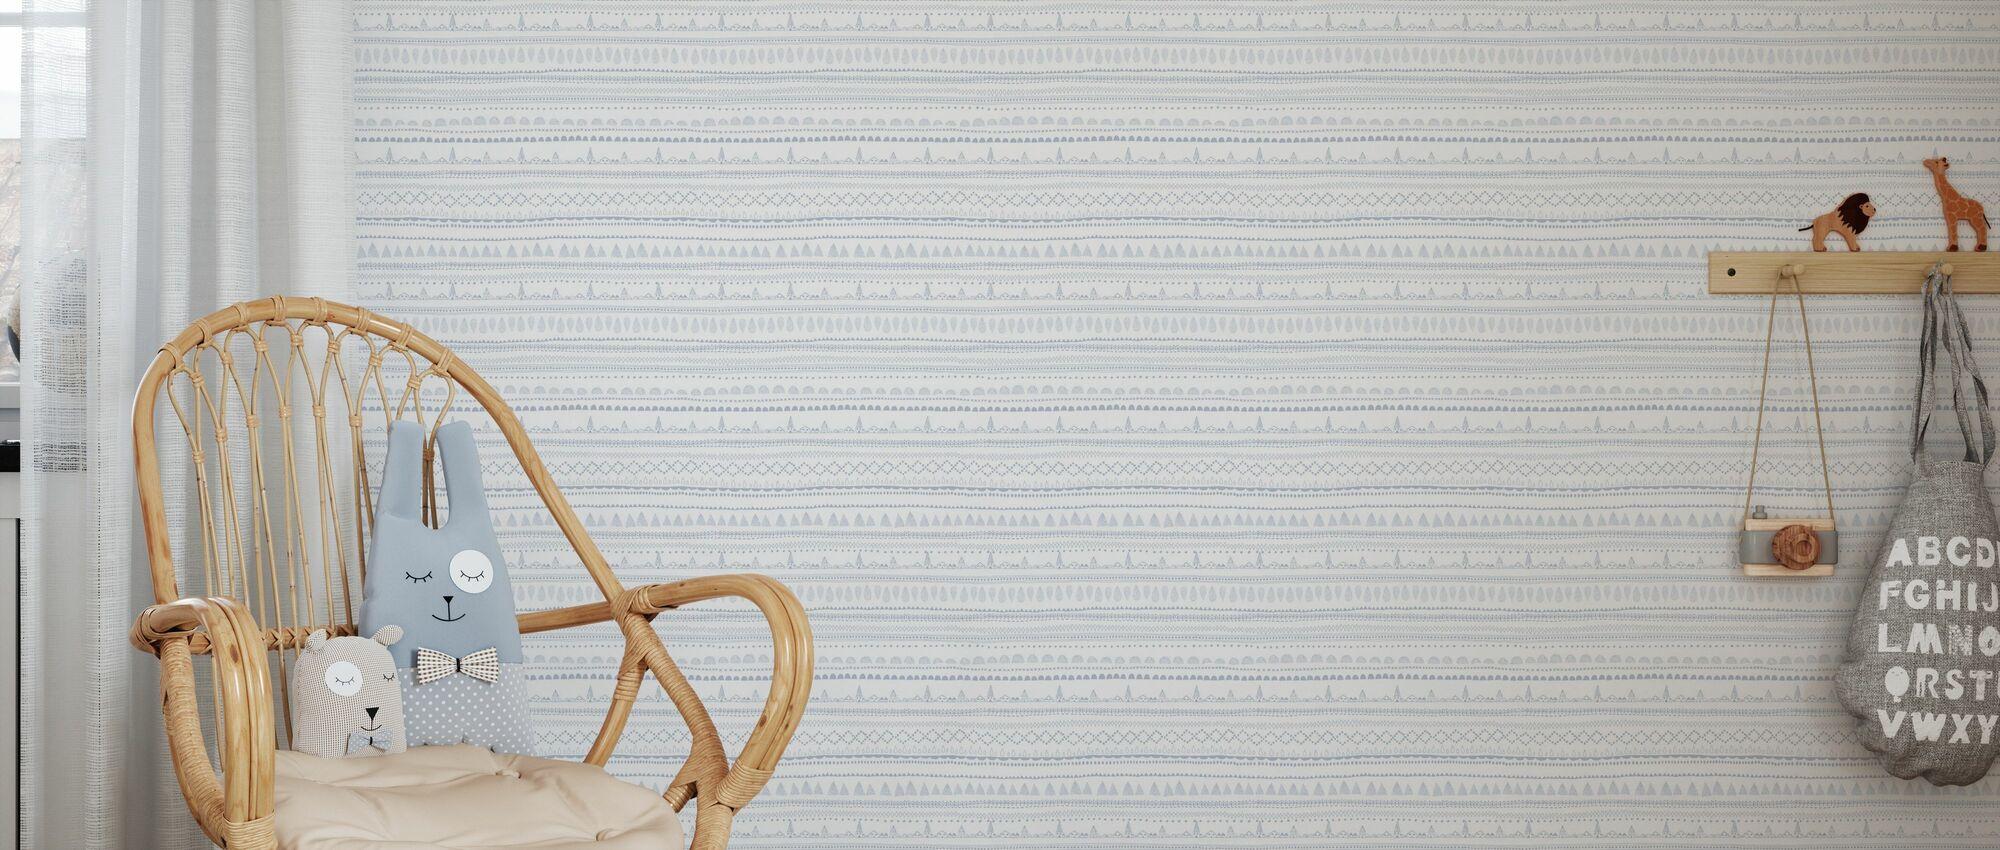 Nordic Folk Blueberry Milk - Wallpaper - Kids Room